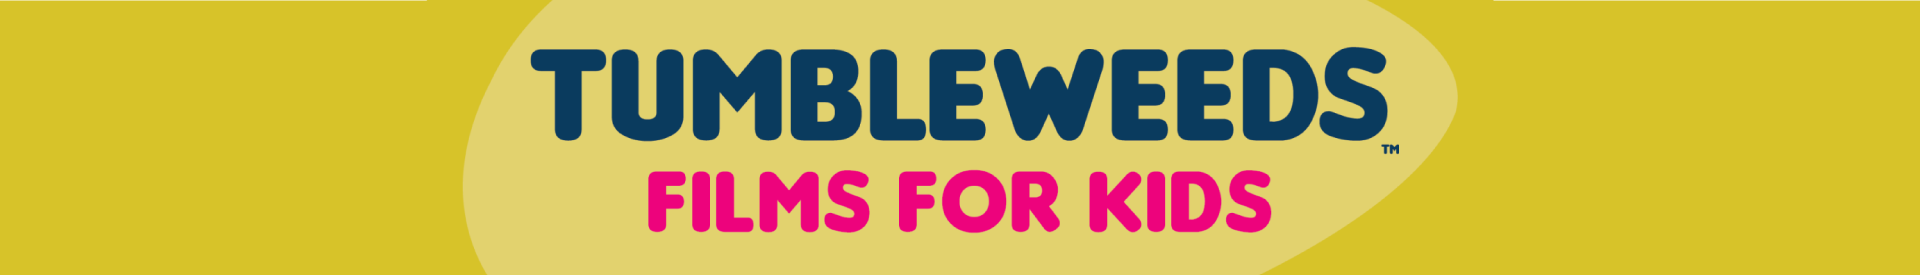 Tumbleweeds Films for Kids - a program of Utah Film Center